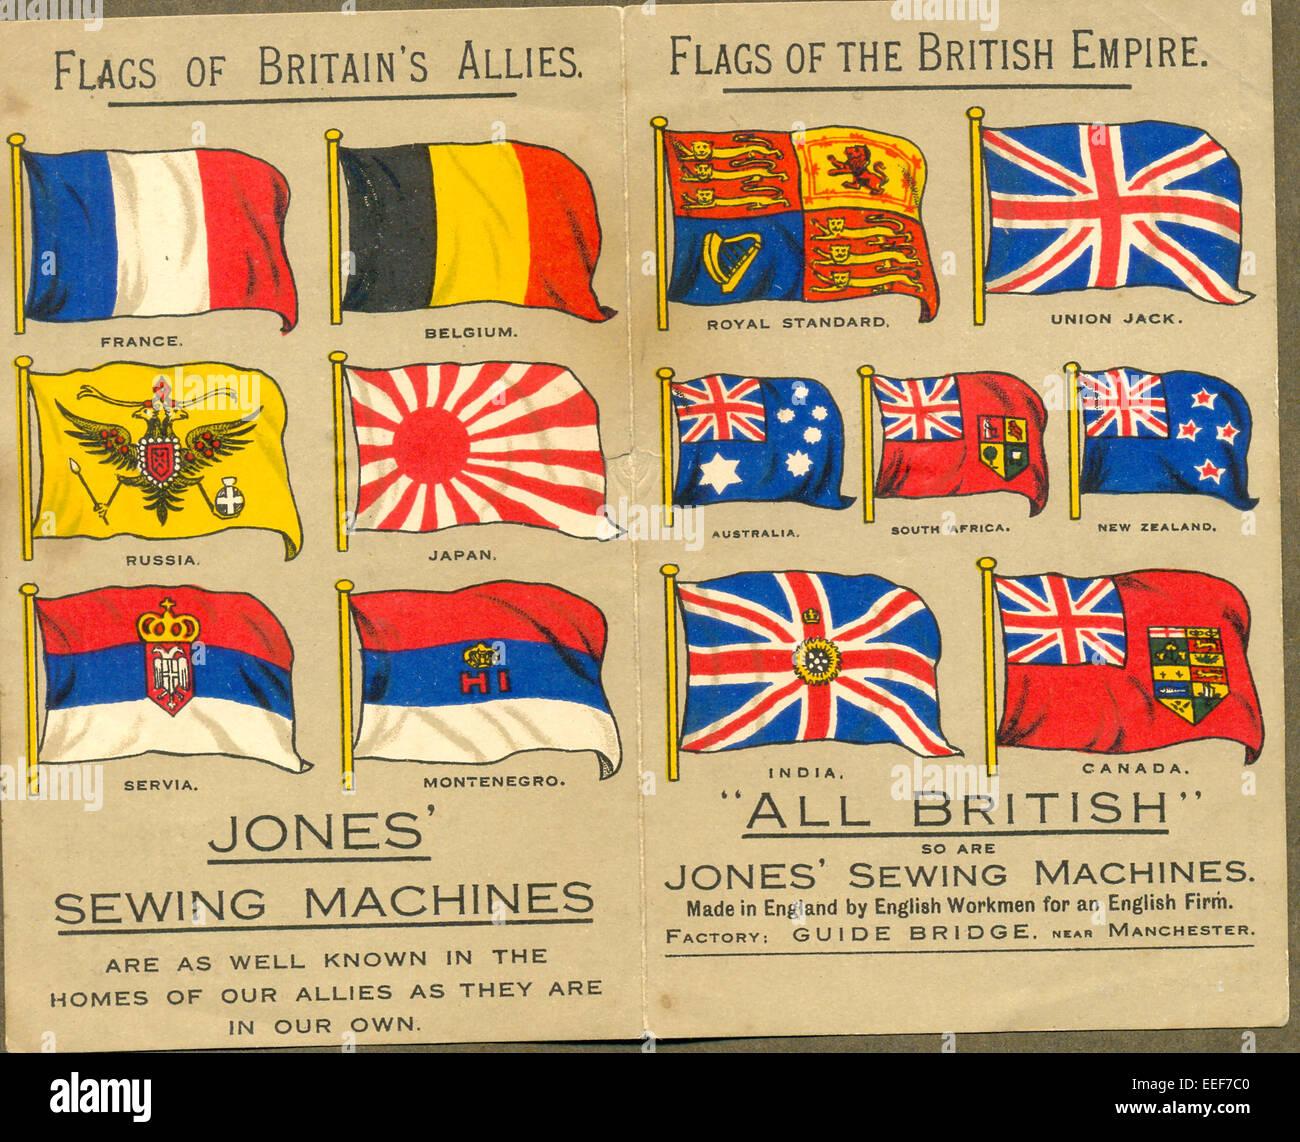 La Prima guerra mondiale i flag su opuscolo pubblicitario per Jones' macchine per cucire Foto Stock